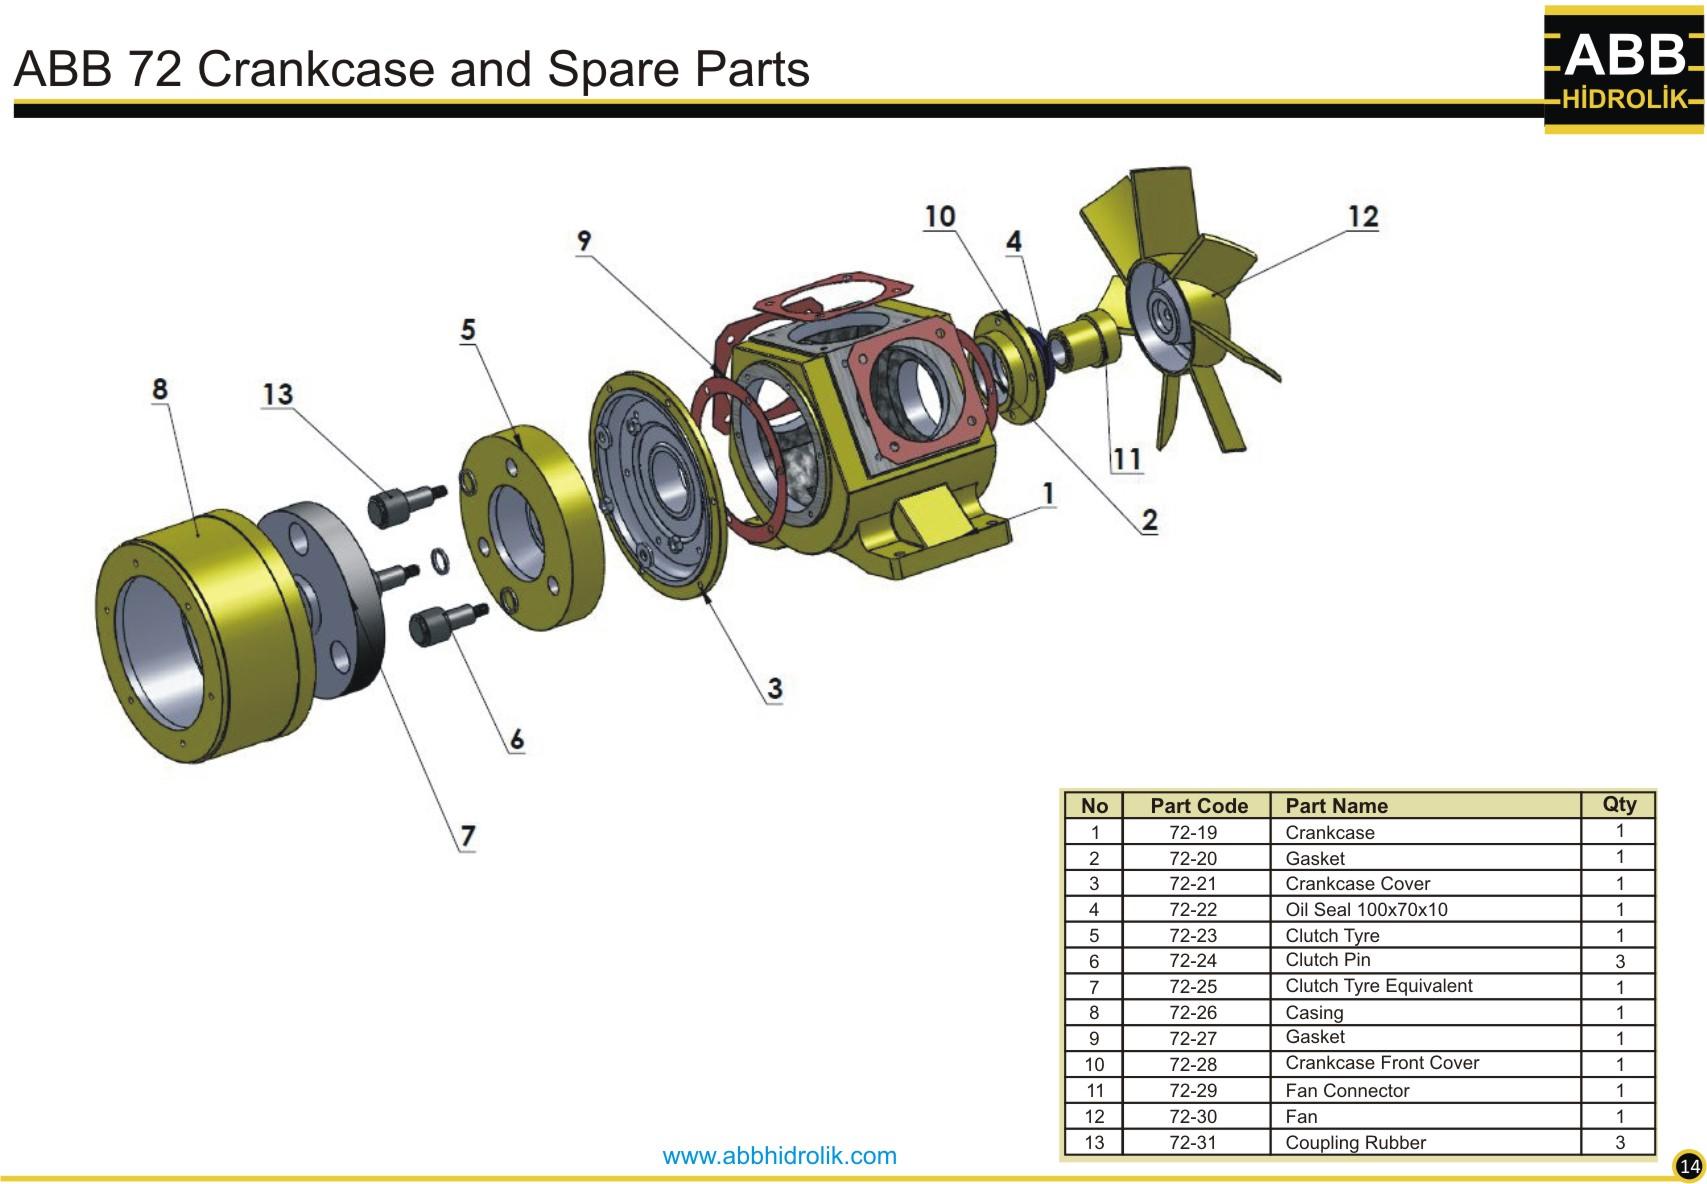 abb72_crankcase_spec